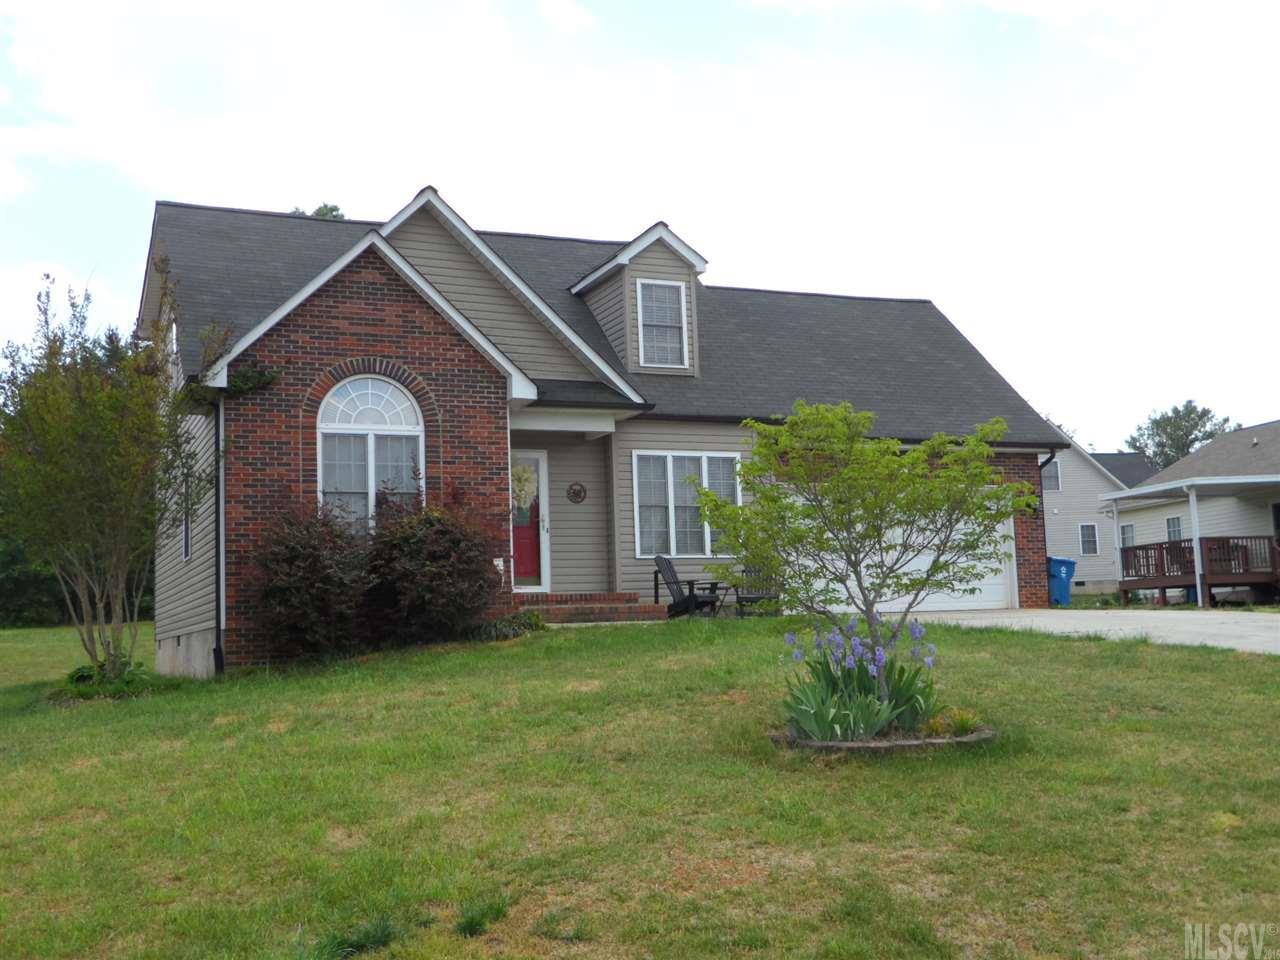 307 Pine Meadows Cir, Hickory, NC 28601